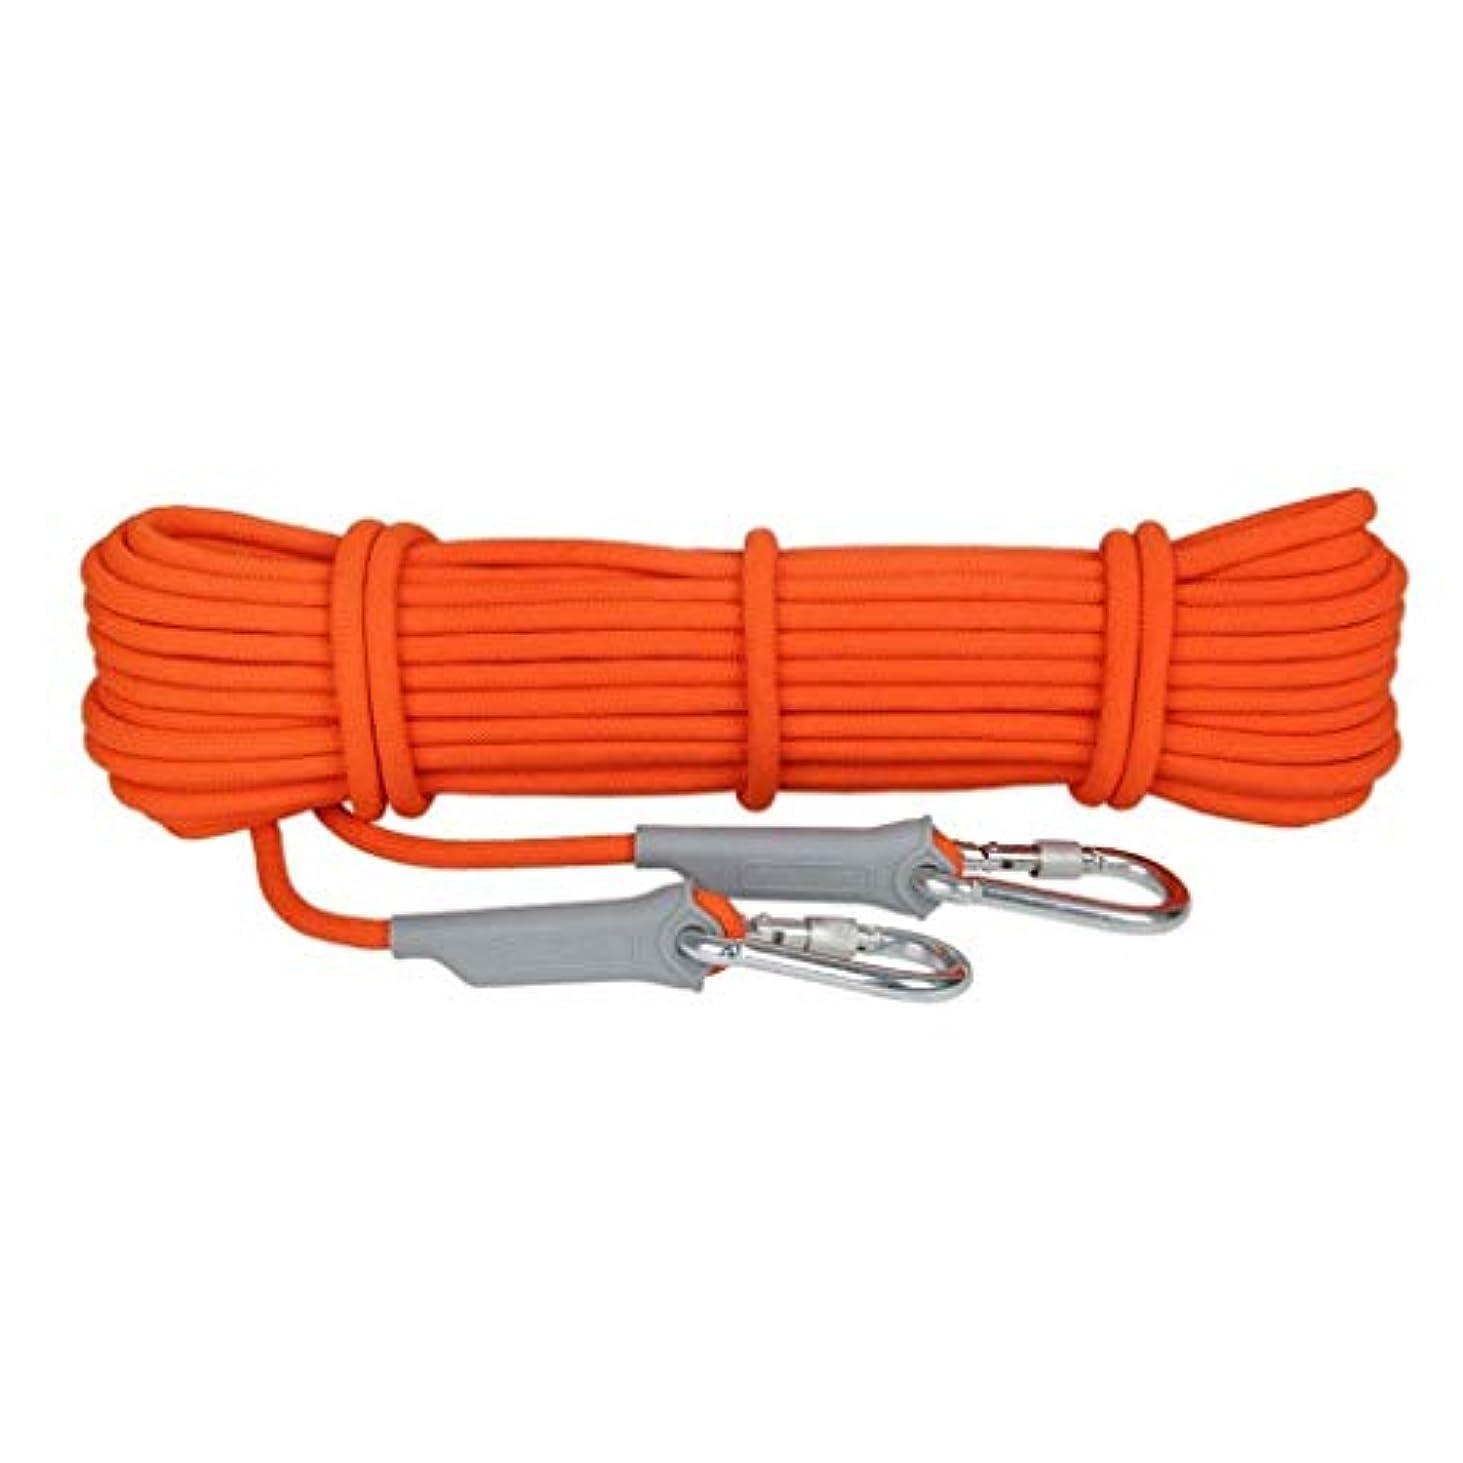 ウミウシ意味する傾いた登山ロープの家の火の緊急脱出ロープ、ハイキングの洞窟探検のキャンプの救助調査および工学保護のための多機能のコードの安全ロープ。 (Color : 8.5mm, Size : 15m)